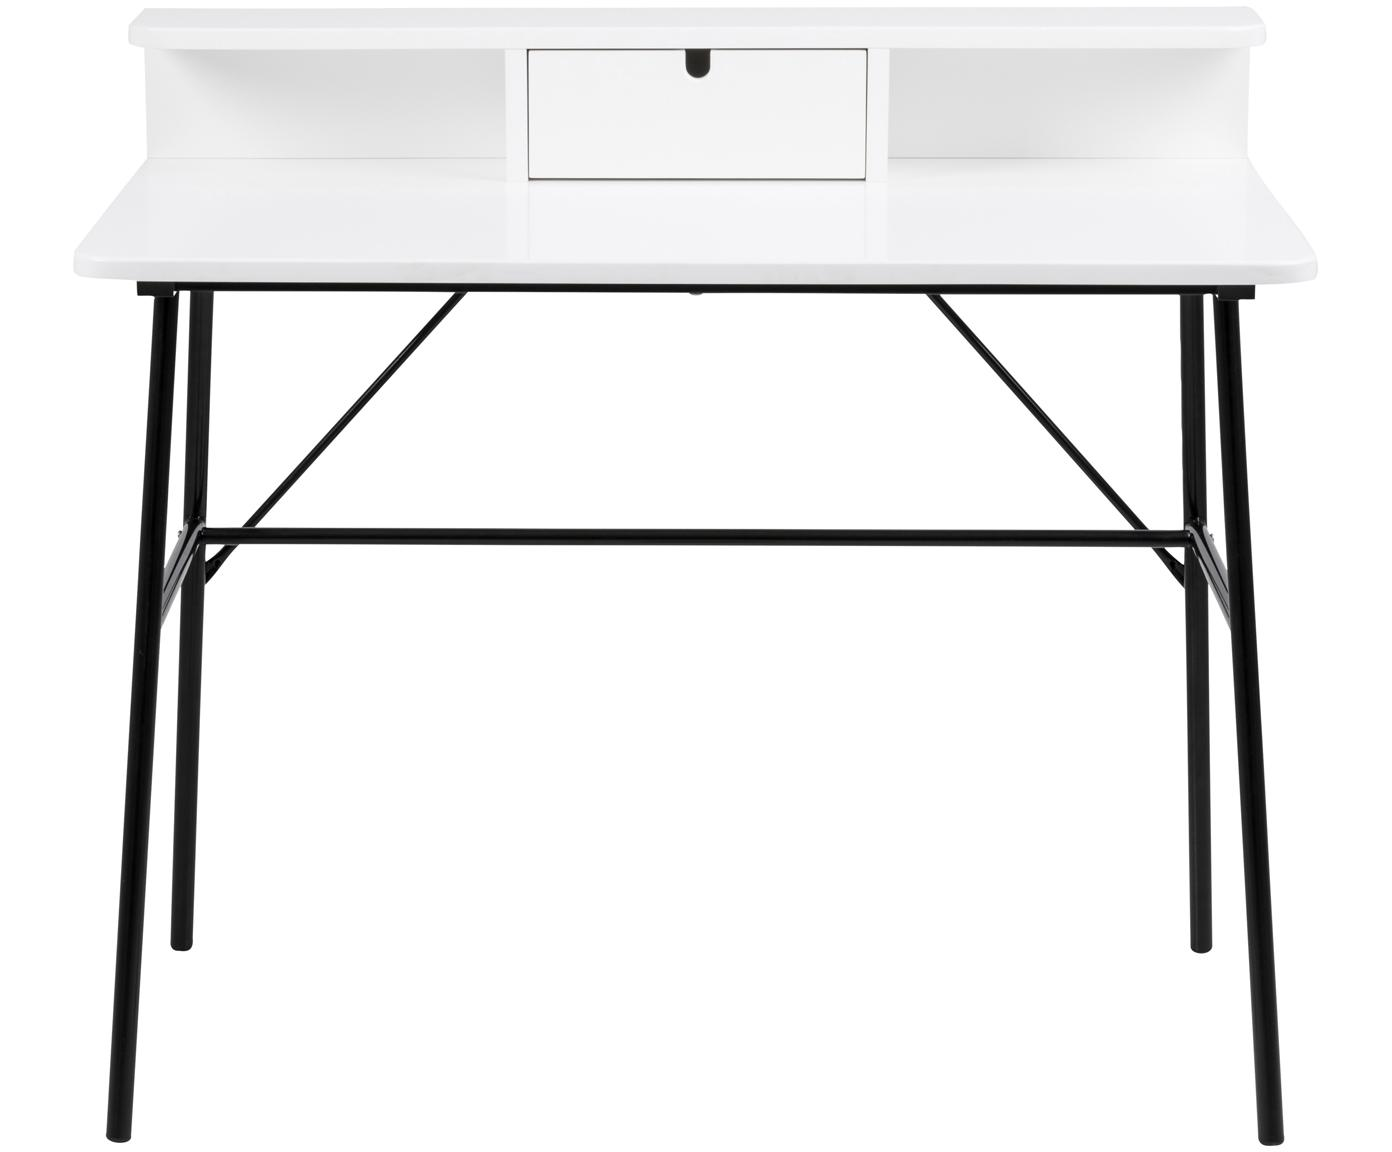 Biurko z szufladą Pascal, Nogi: metal lakierowany, Czarny, biały, S 100 x W 88 cm